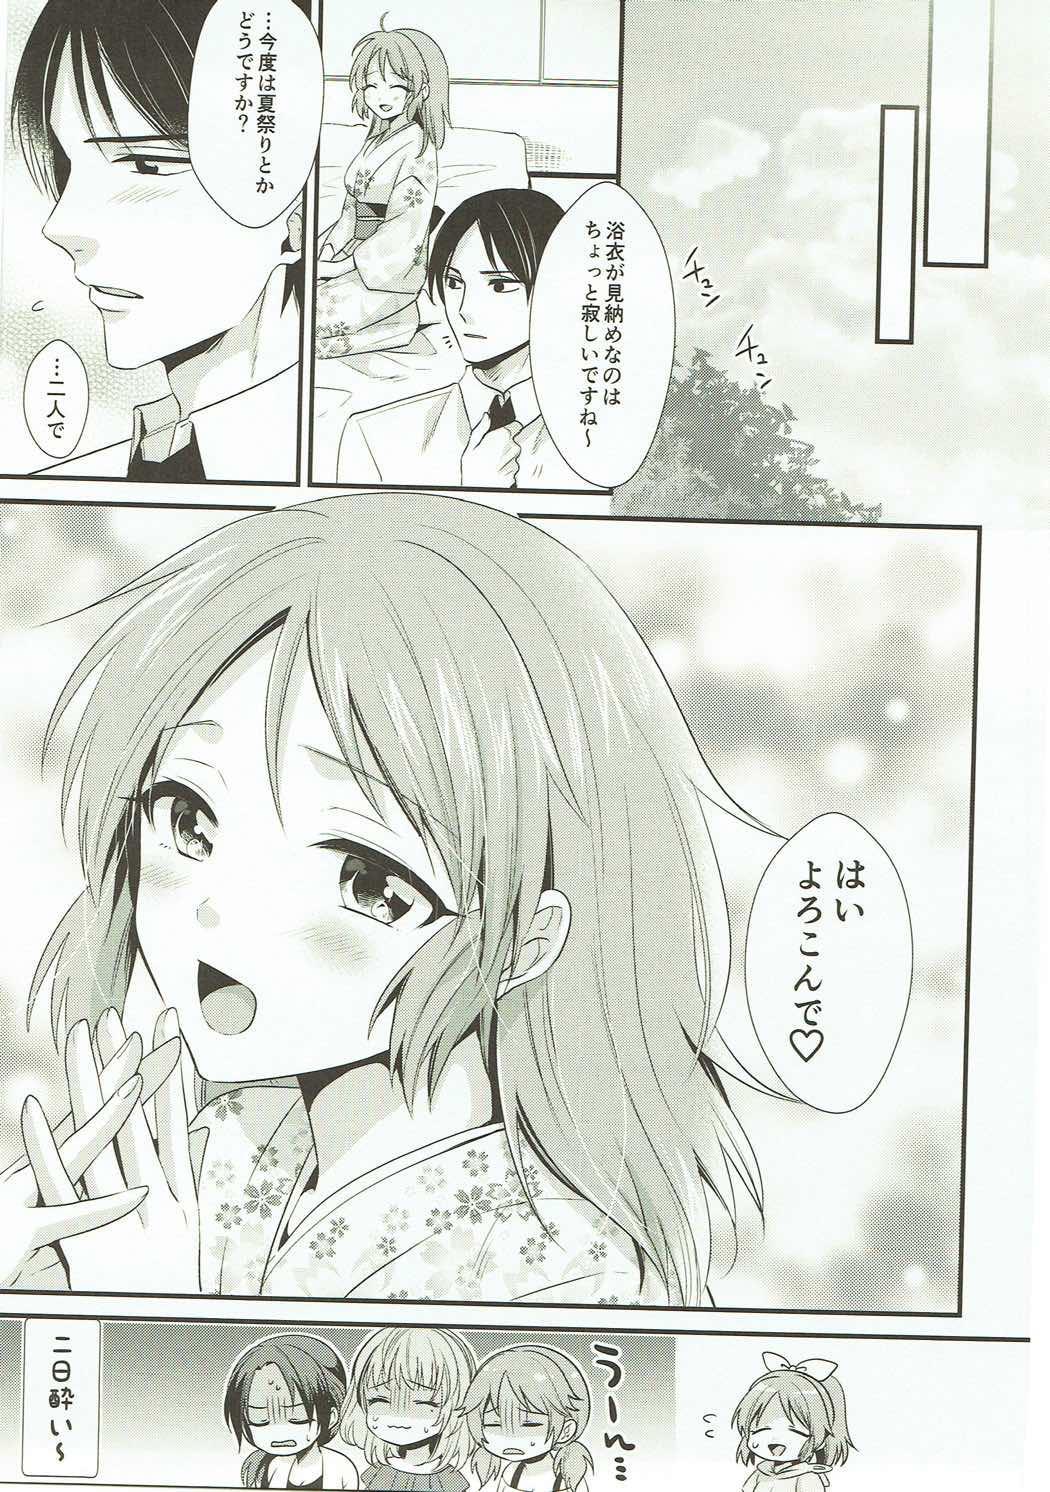 Boku no Nana-san wa Horoyoi Koyoi 23